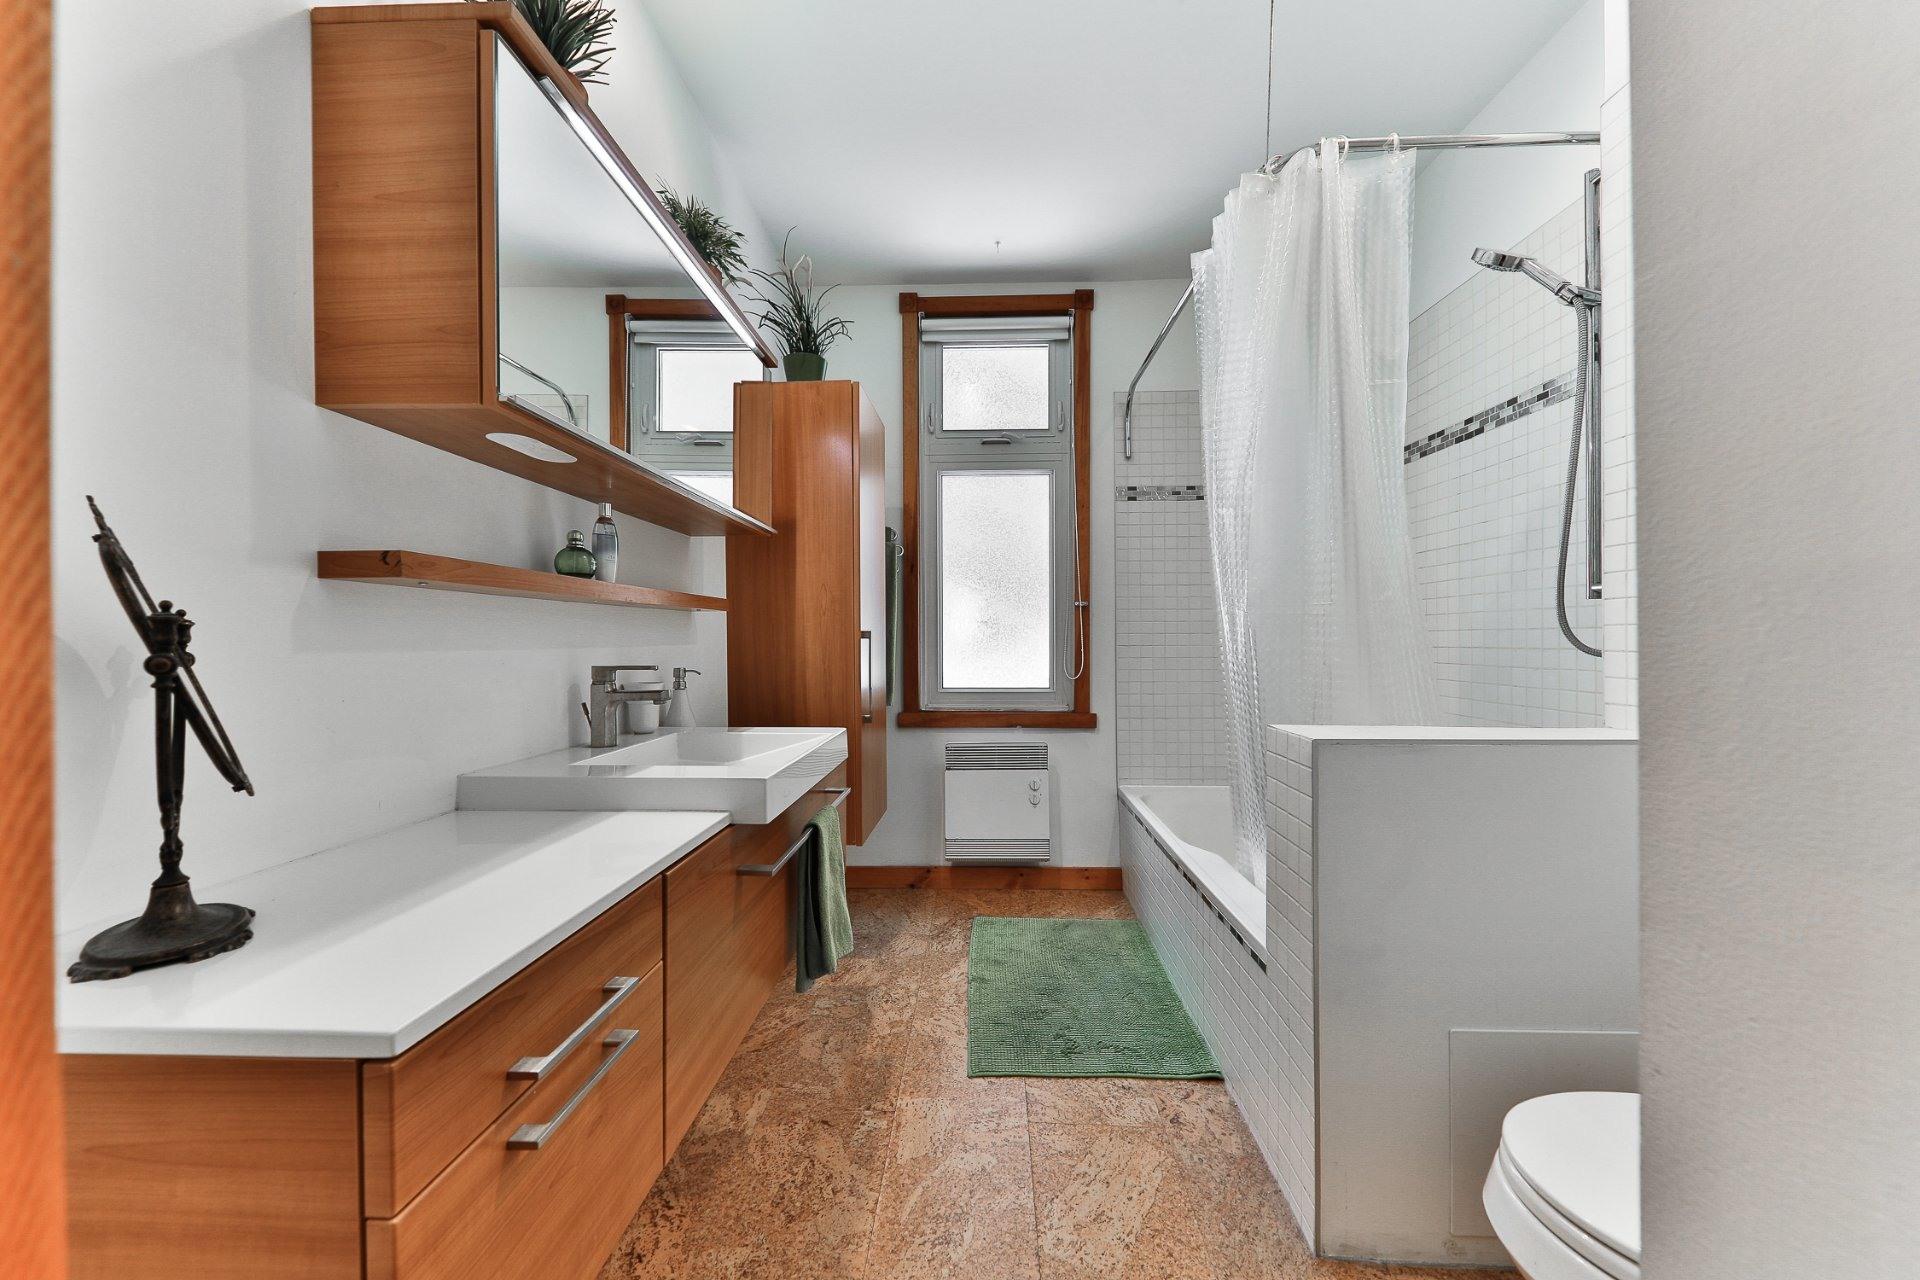 image 18 - Appartement À vendre Le Plateau-Mont-Royal Montréal  - 8 pièces